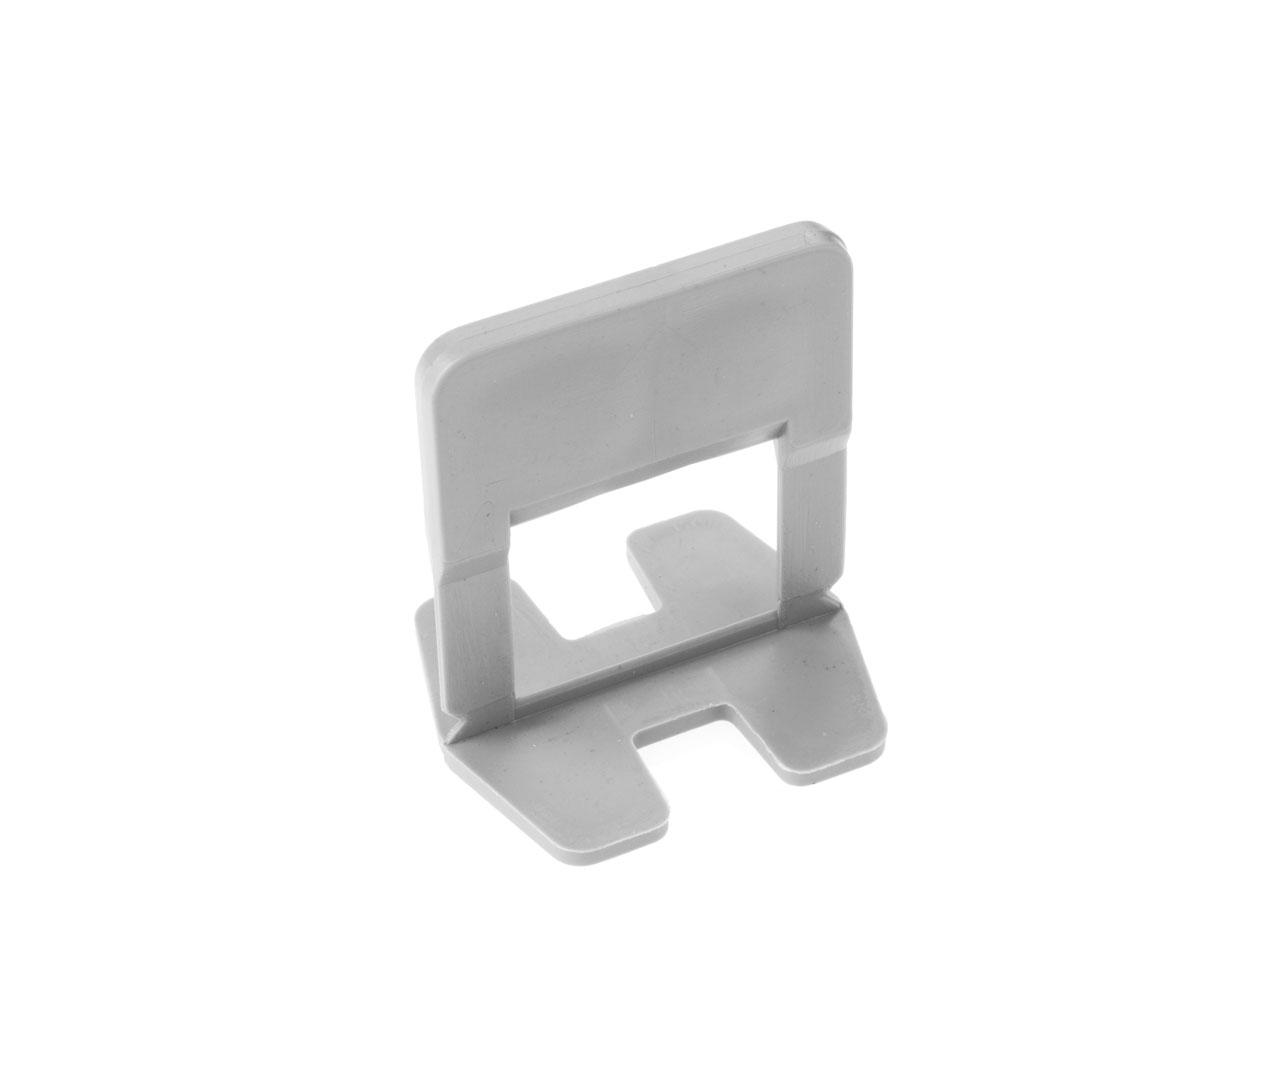 Sistema de nivelación: Bases sin rosca 3mm-12mm